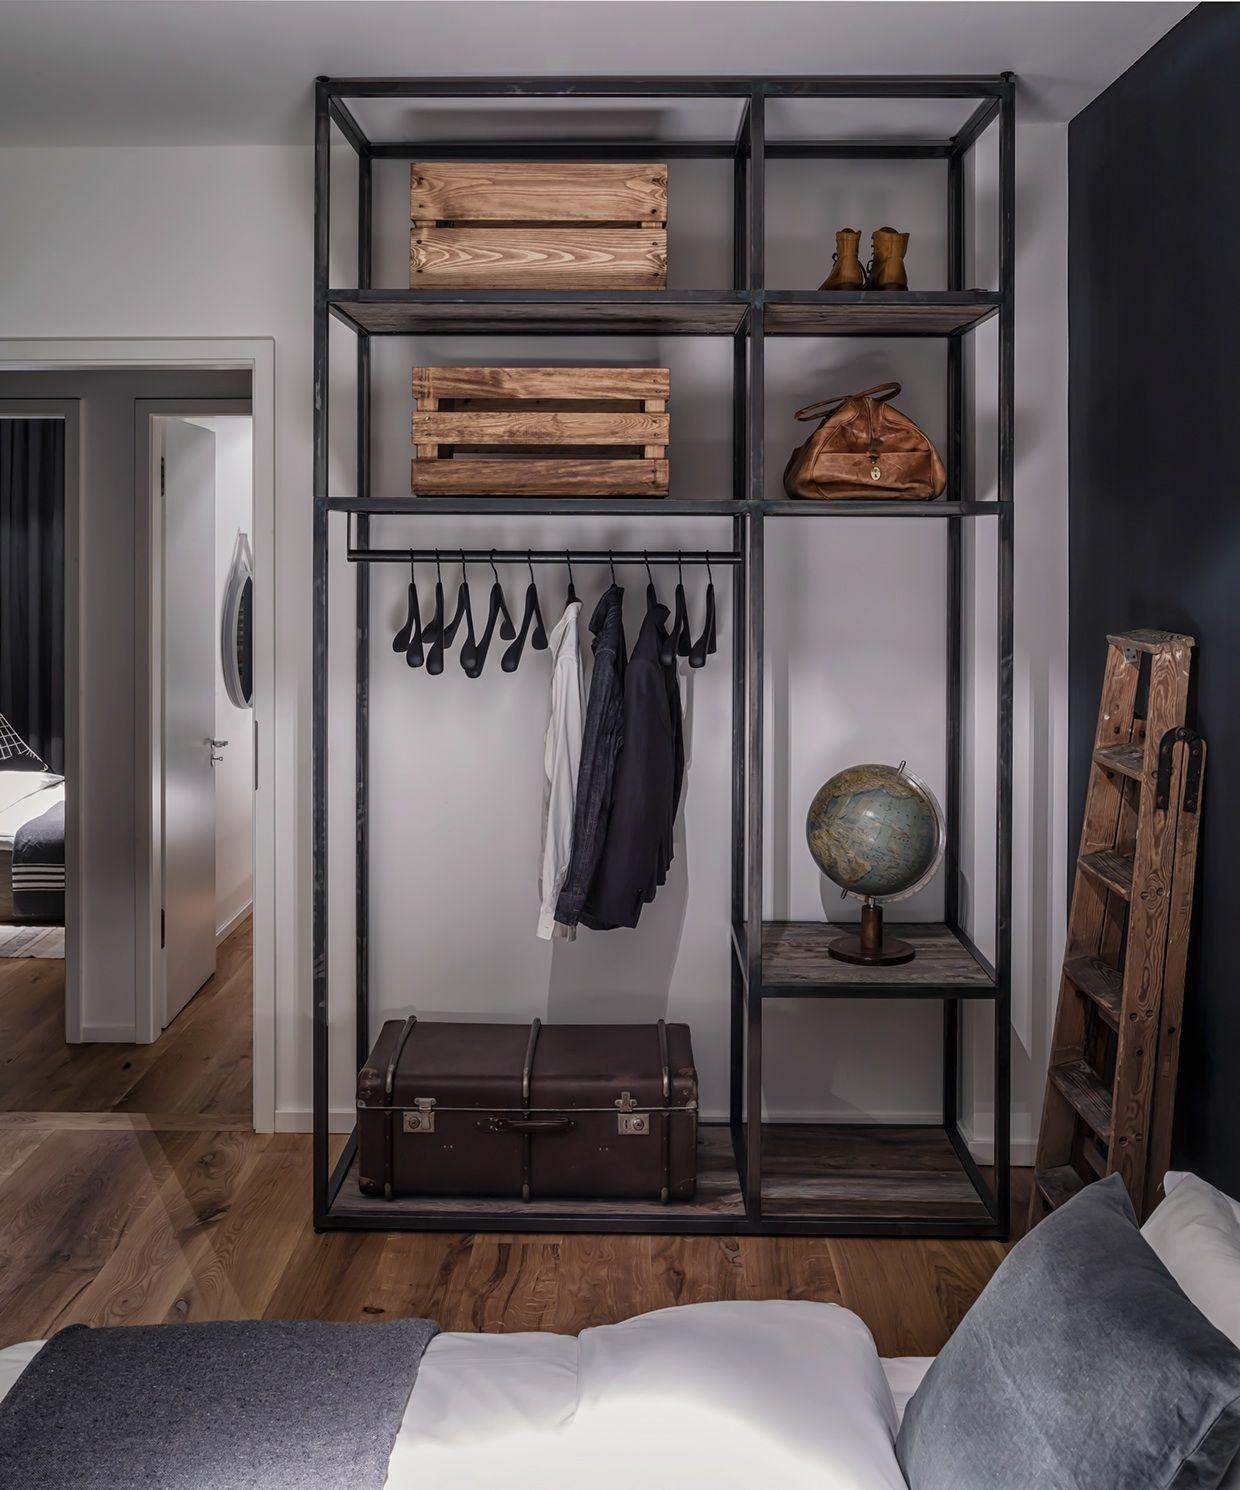 Boden Wand komnination //Demand Design - archatlas: Apartment Berlin ...